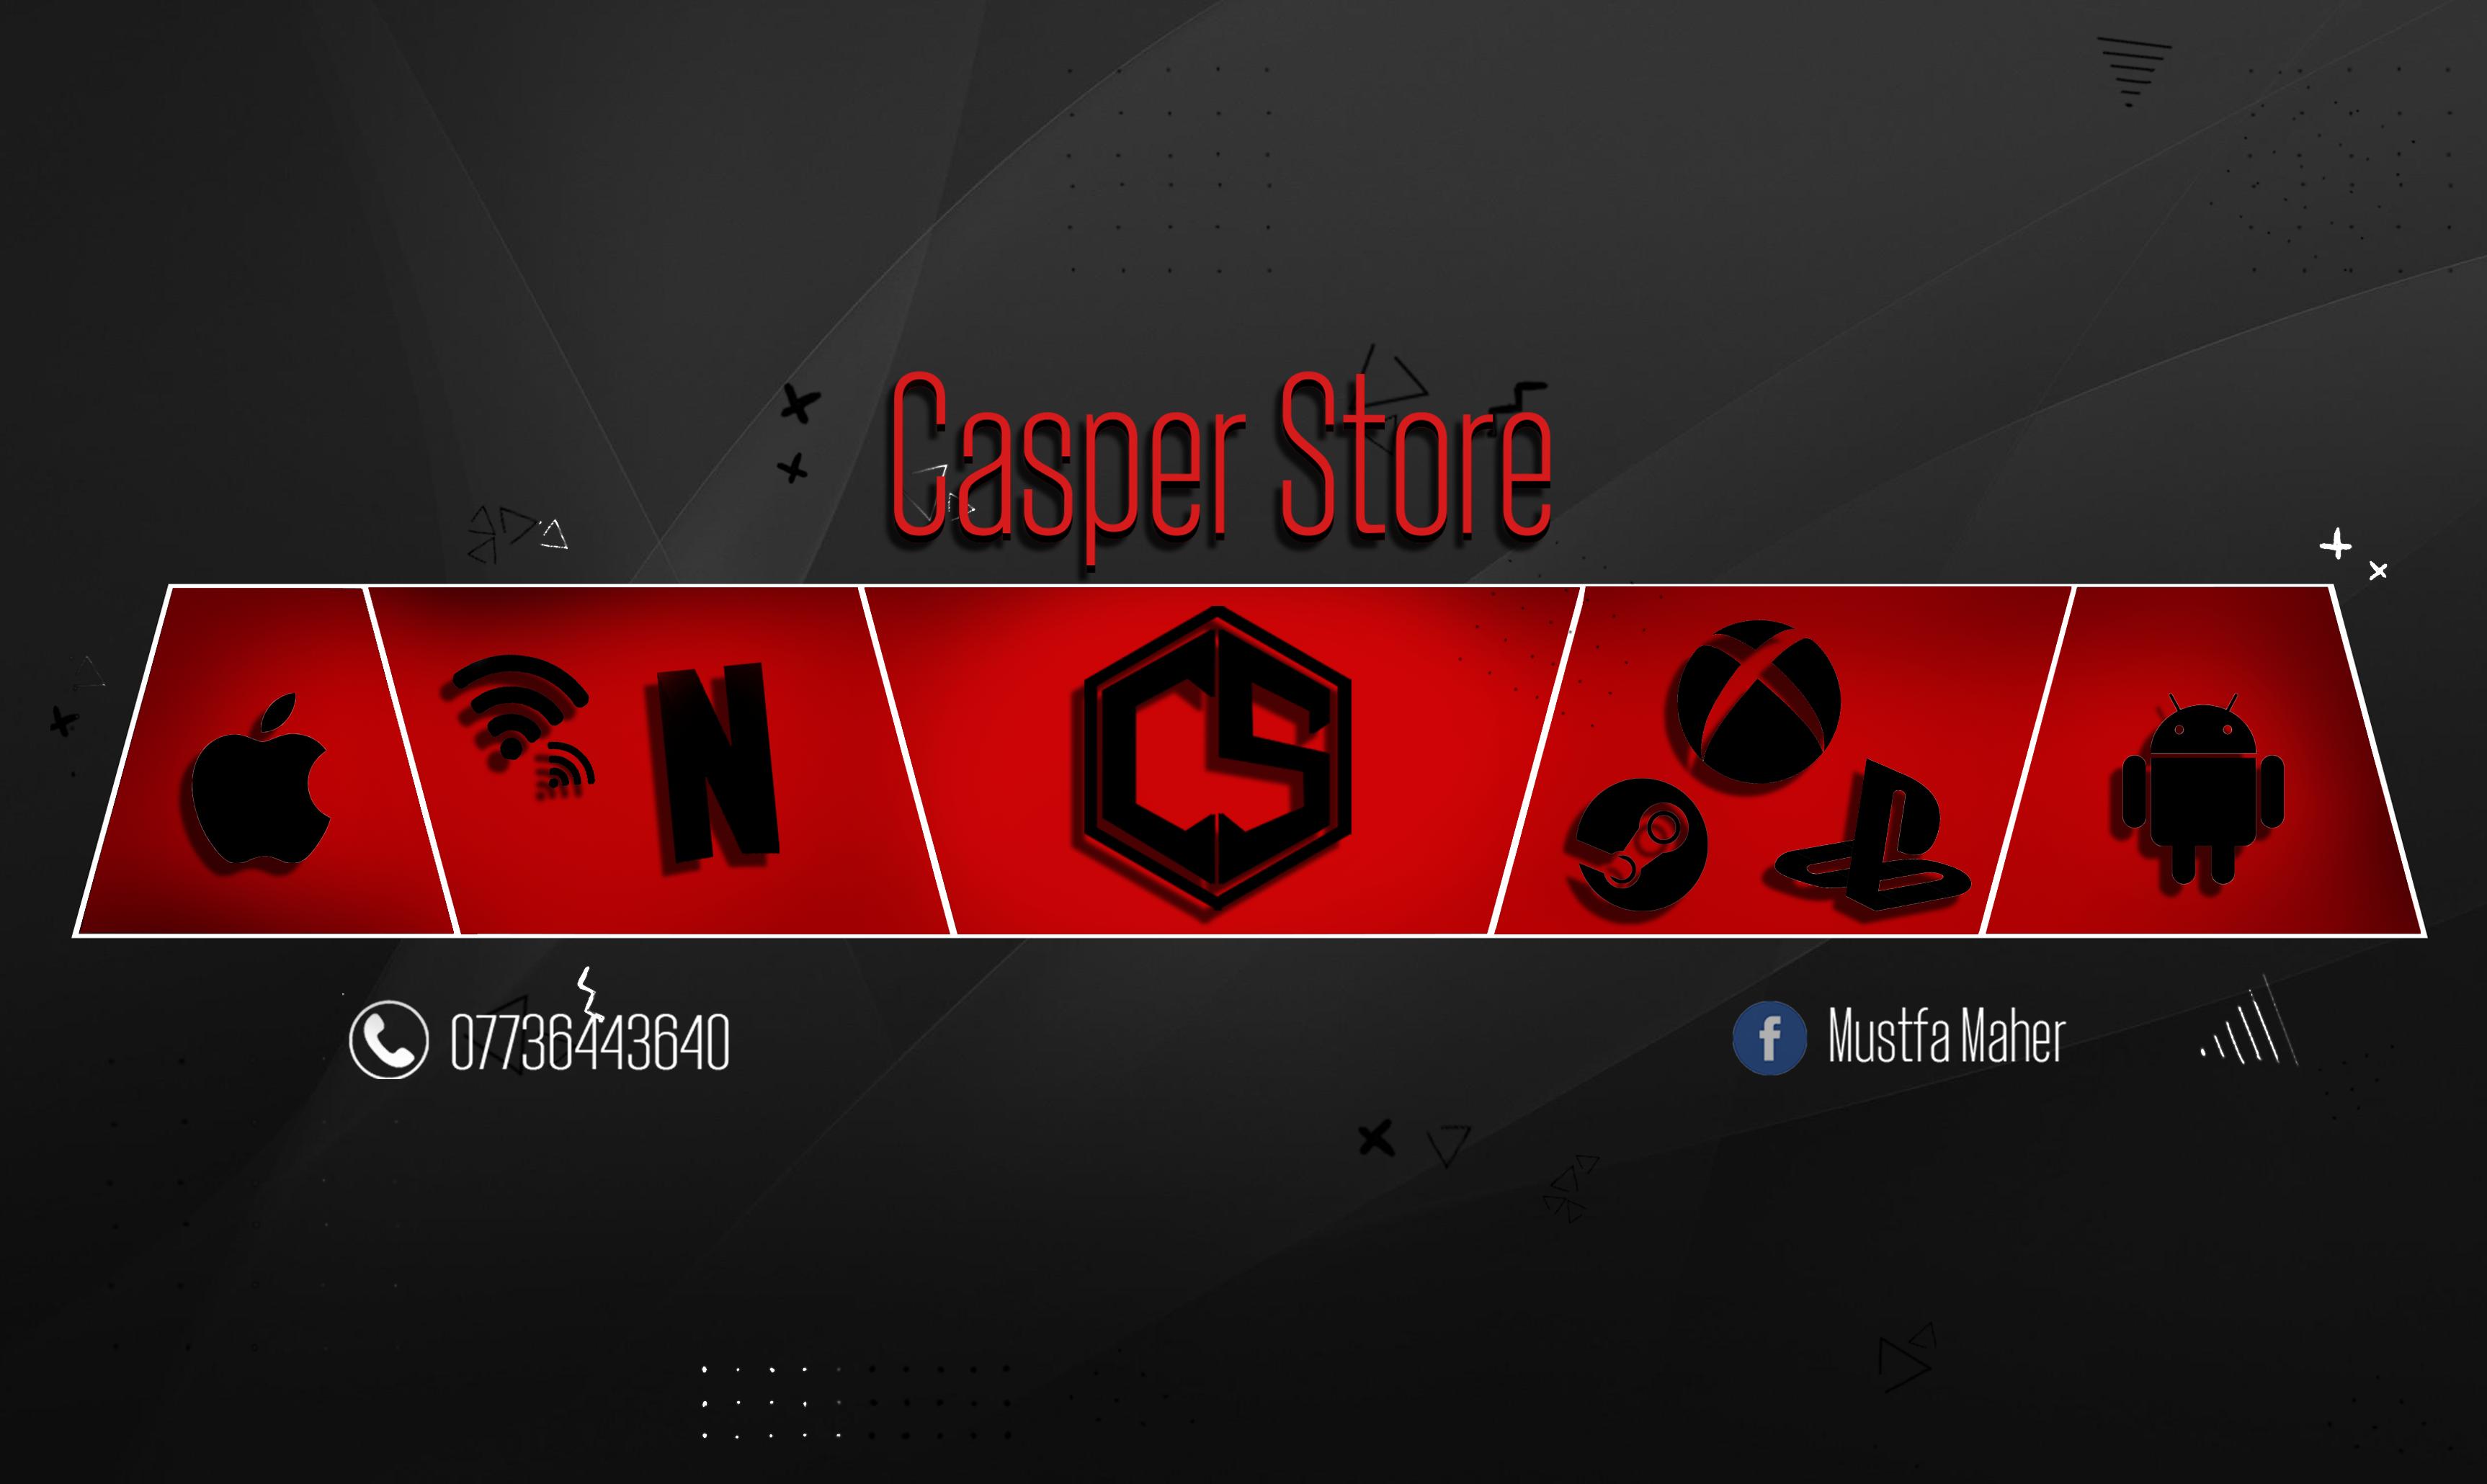 Casper store